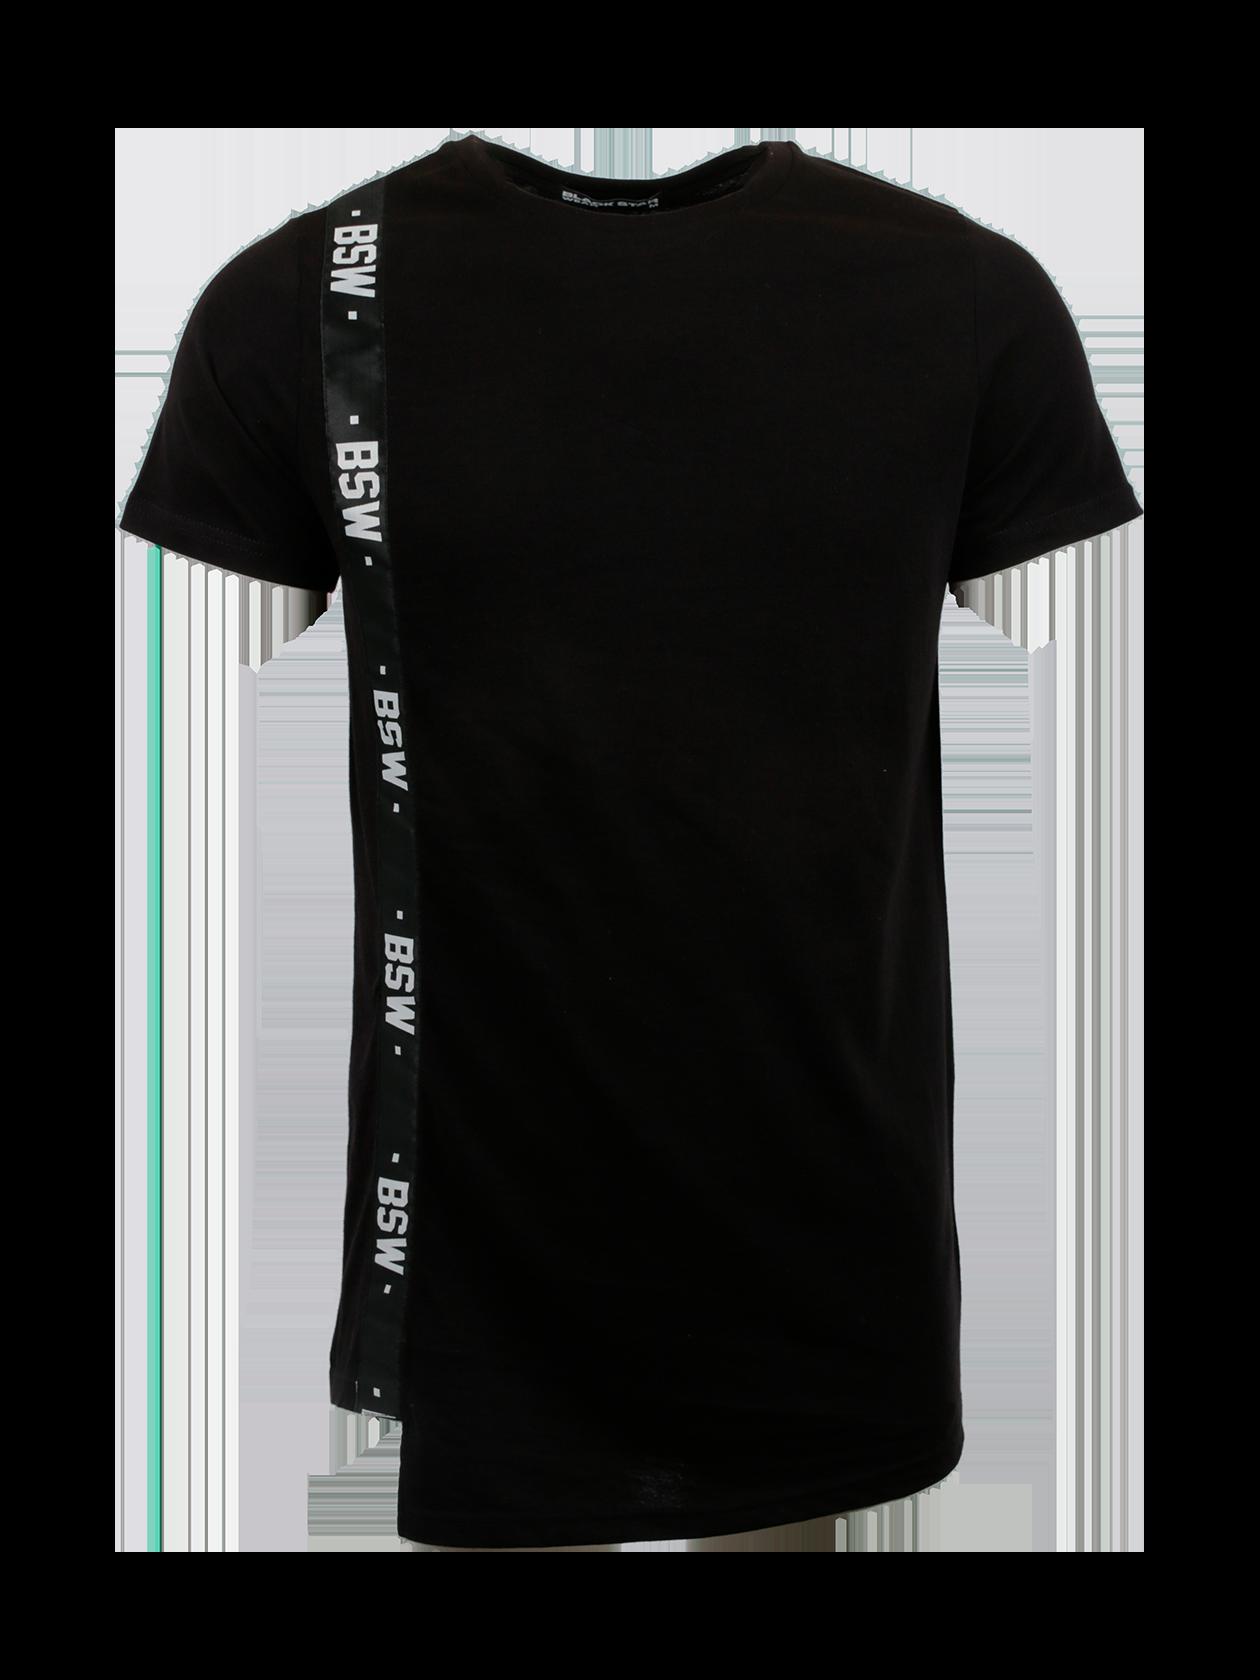 Футболка мужская HARAJUKUСтильная черная футболка мужская Harajuku от бренда Black Star – идеальный выбор активных молодых людей. Модель спортивного типа обладает прямым свободным кроем, удлиненным силуэтом. Фронтальная сторона со скошенным нижним краем дополнена вертикальной вставкой в виде полоски с надписями BSW. Горловина стандартной округлой формы содержит жаккардовую нашивку с логотипом Black Star Wear с изнаночной стороны. Футболка изготовлена из натурального хлопка класса «люкс», отличается высокой практичностью и износоустойчивостью.<br><br>Размер: XS<br>Цвет: Черный<br>Пол: Мужской